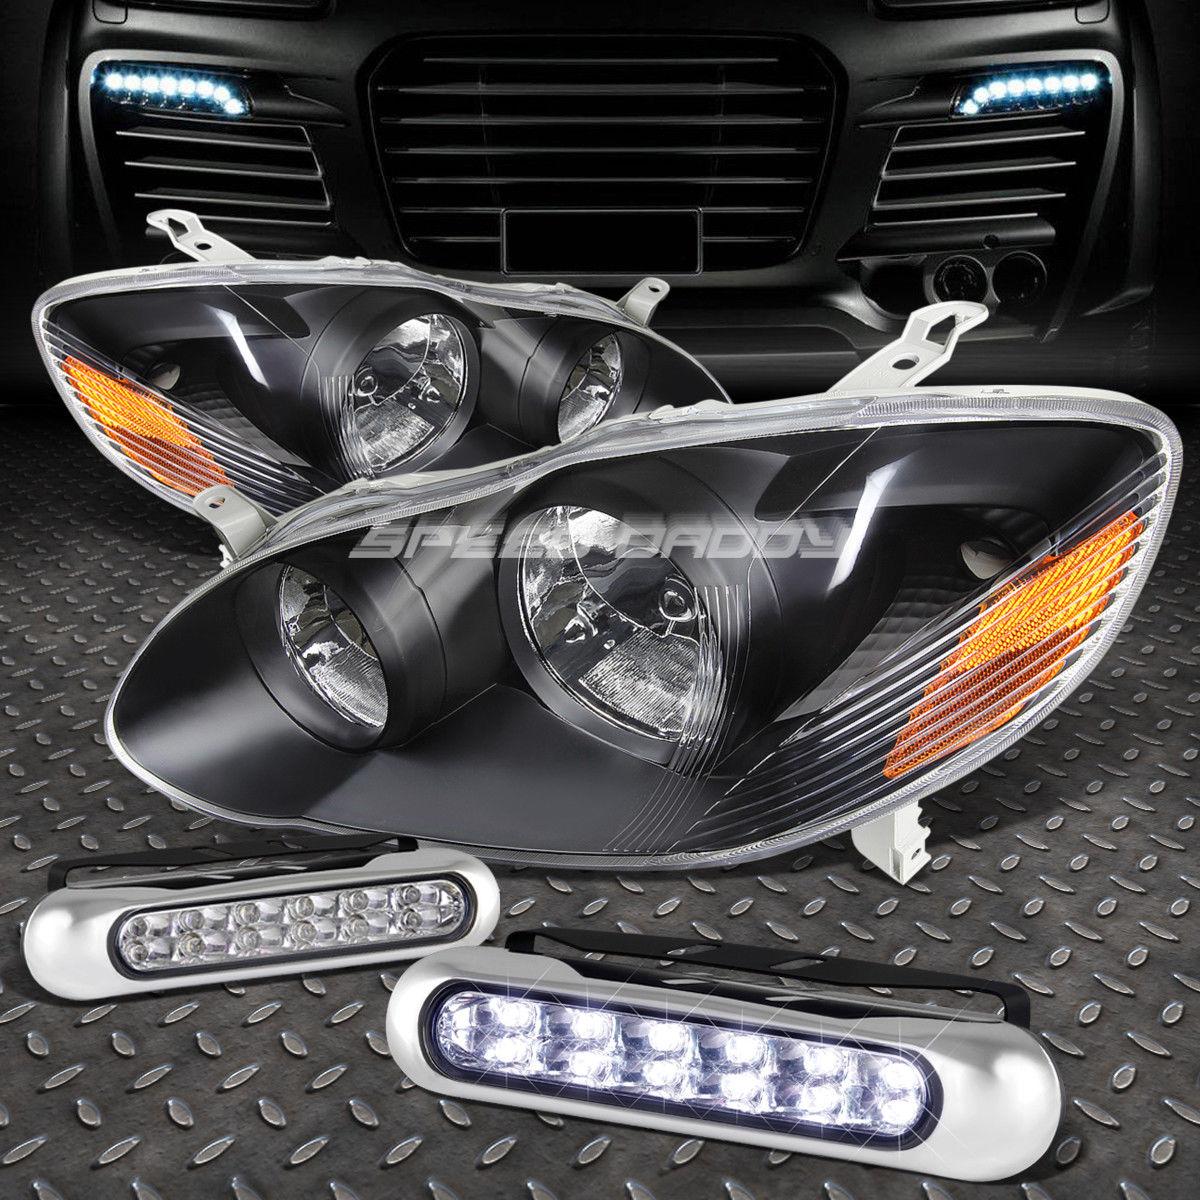 フォグライト BLACK LENS HEADLIGHT AMBER CORNER+12 LED GRILL FOG LIGHT FOR 03-08 COROLLA E120 ブラックレンズヘッドライトアンバーコーナー+ 03-08 COROLLA E120用LEDグリルフォグライト